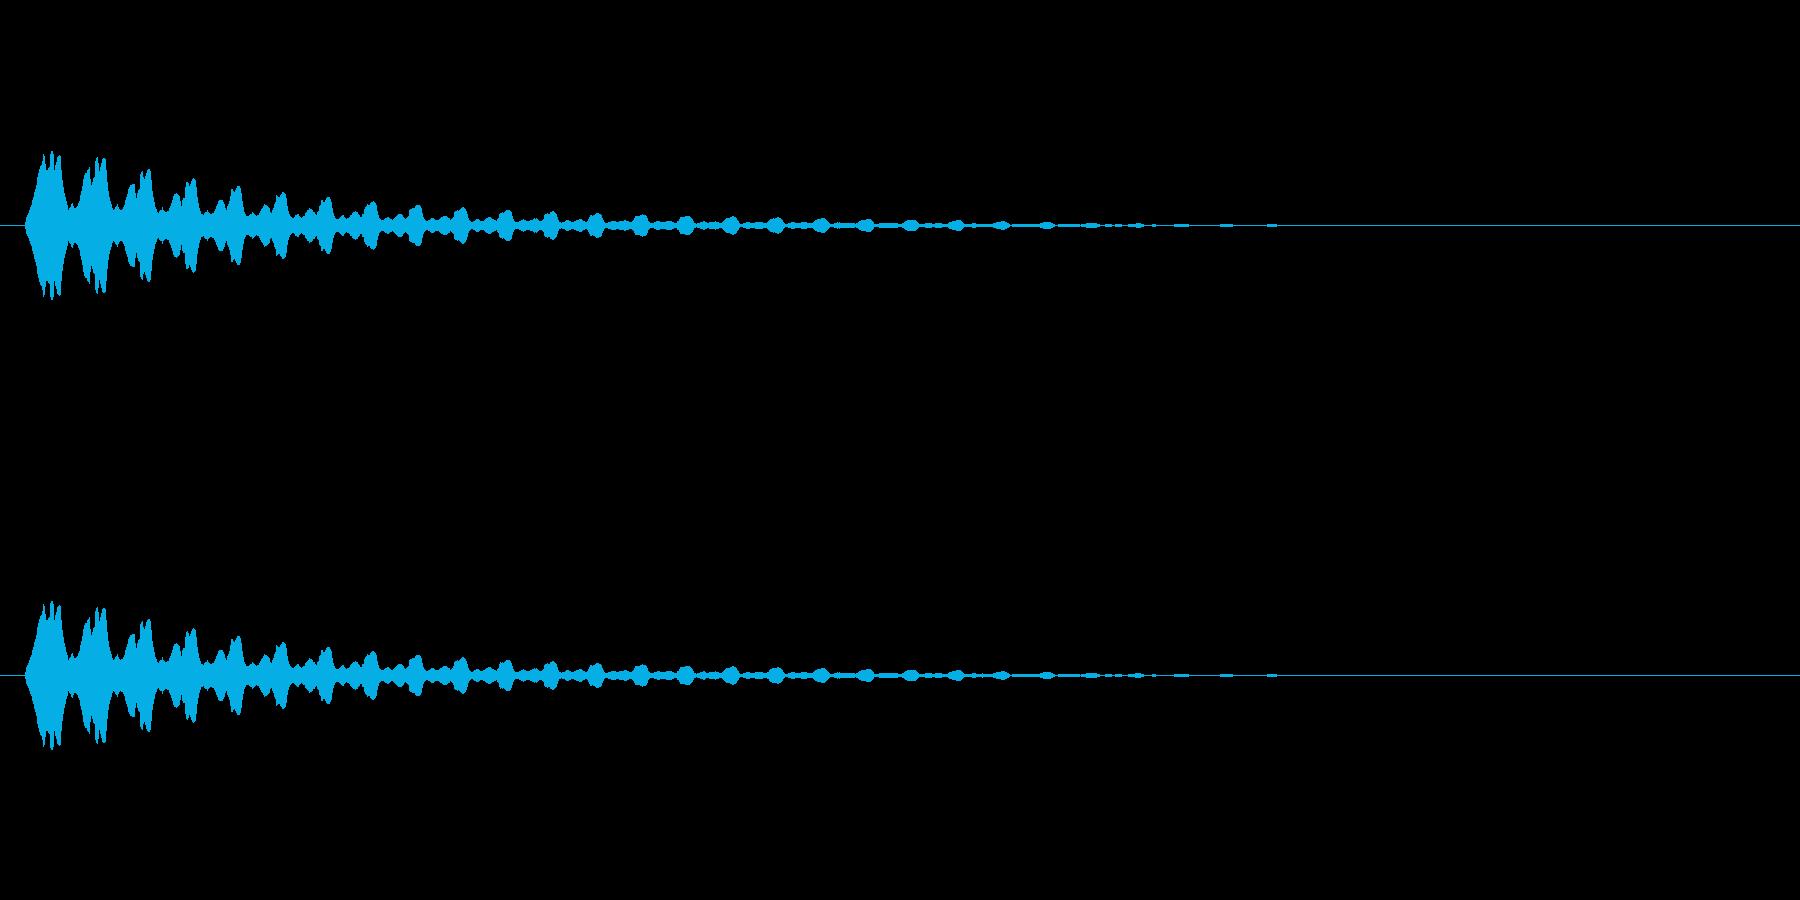 【ポップモーション17-5】の再生済みの波形